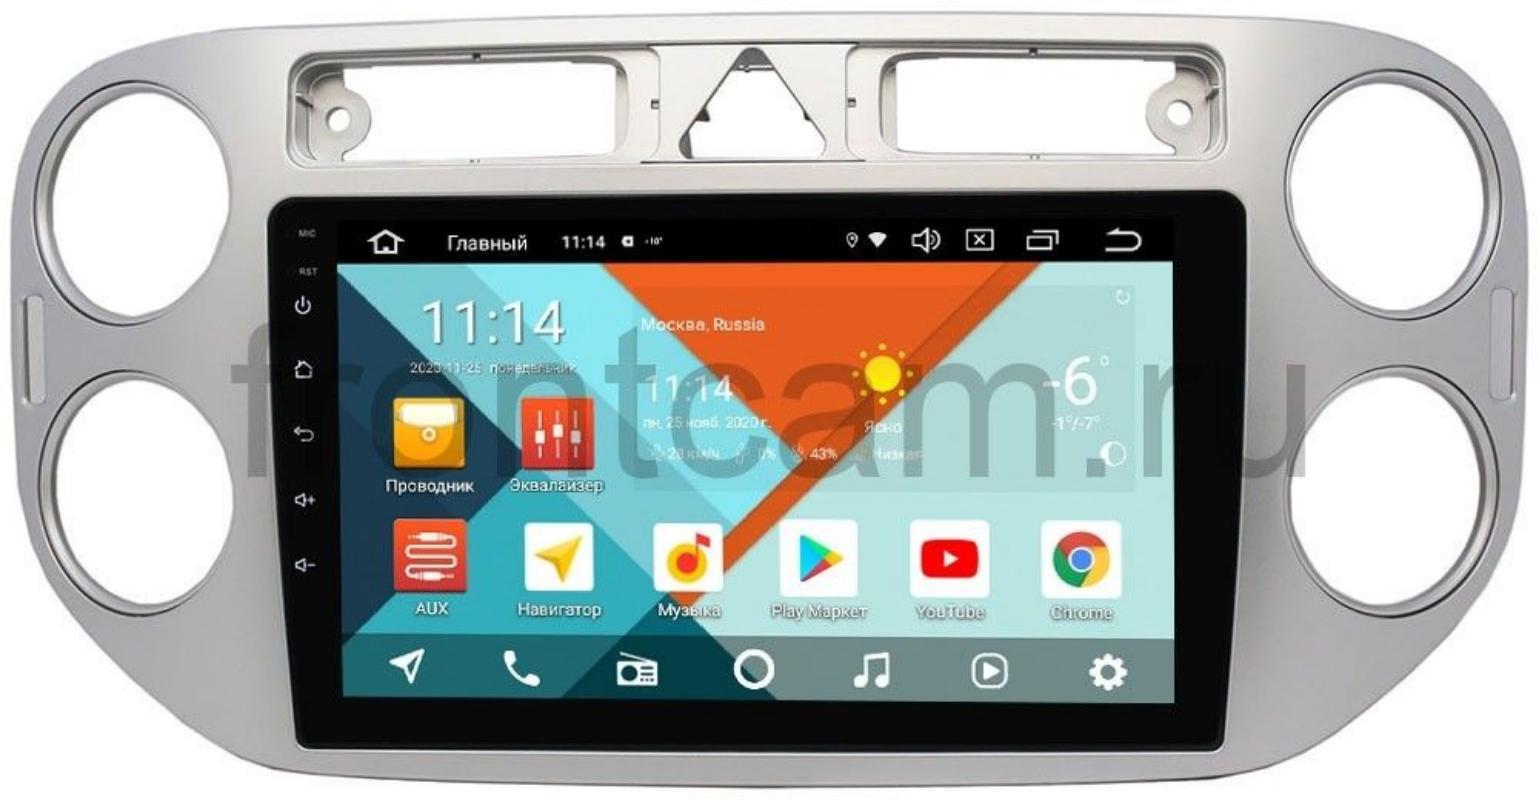 Штатная магнитола Wide Media KS9048QM-2/32 DSP CarPlay 4G-SIM для Volkswagen Tiguan 2007-2011, Golf Plus 2004-2014 на Android 10 (+ Камера заднего вида в подарок!)